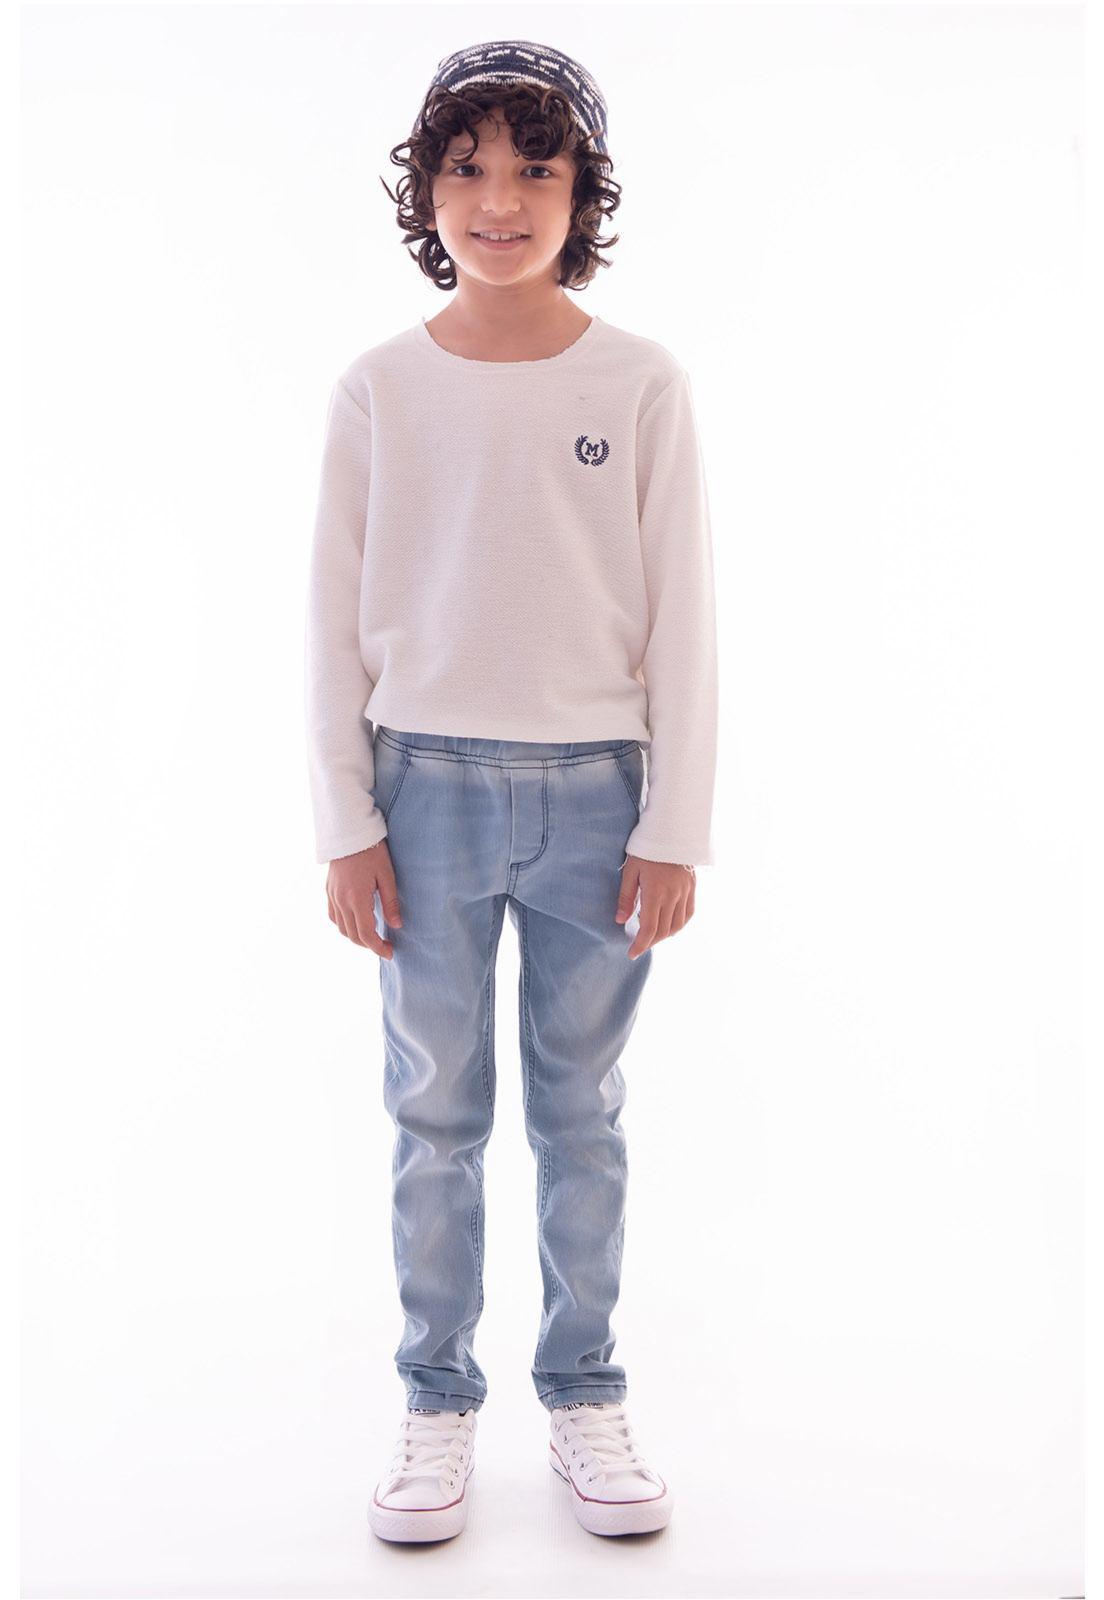 Calça Jeans com Elástico para Menino Ref. 511